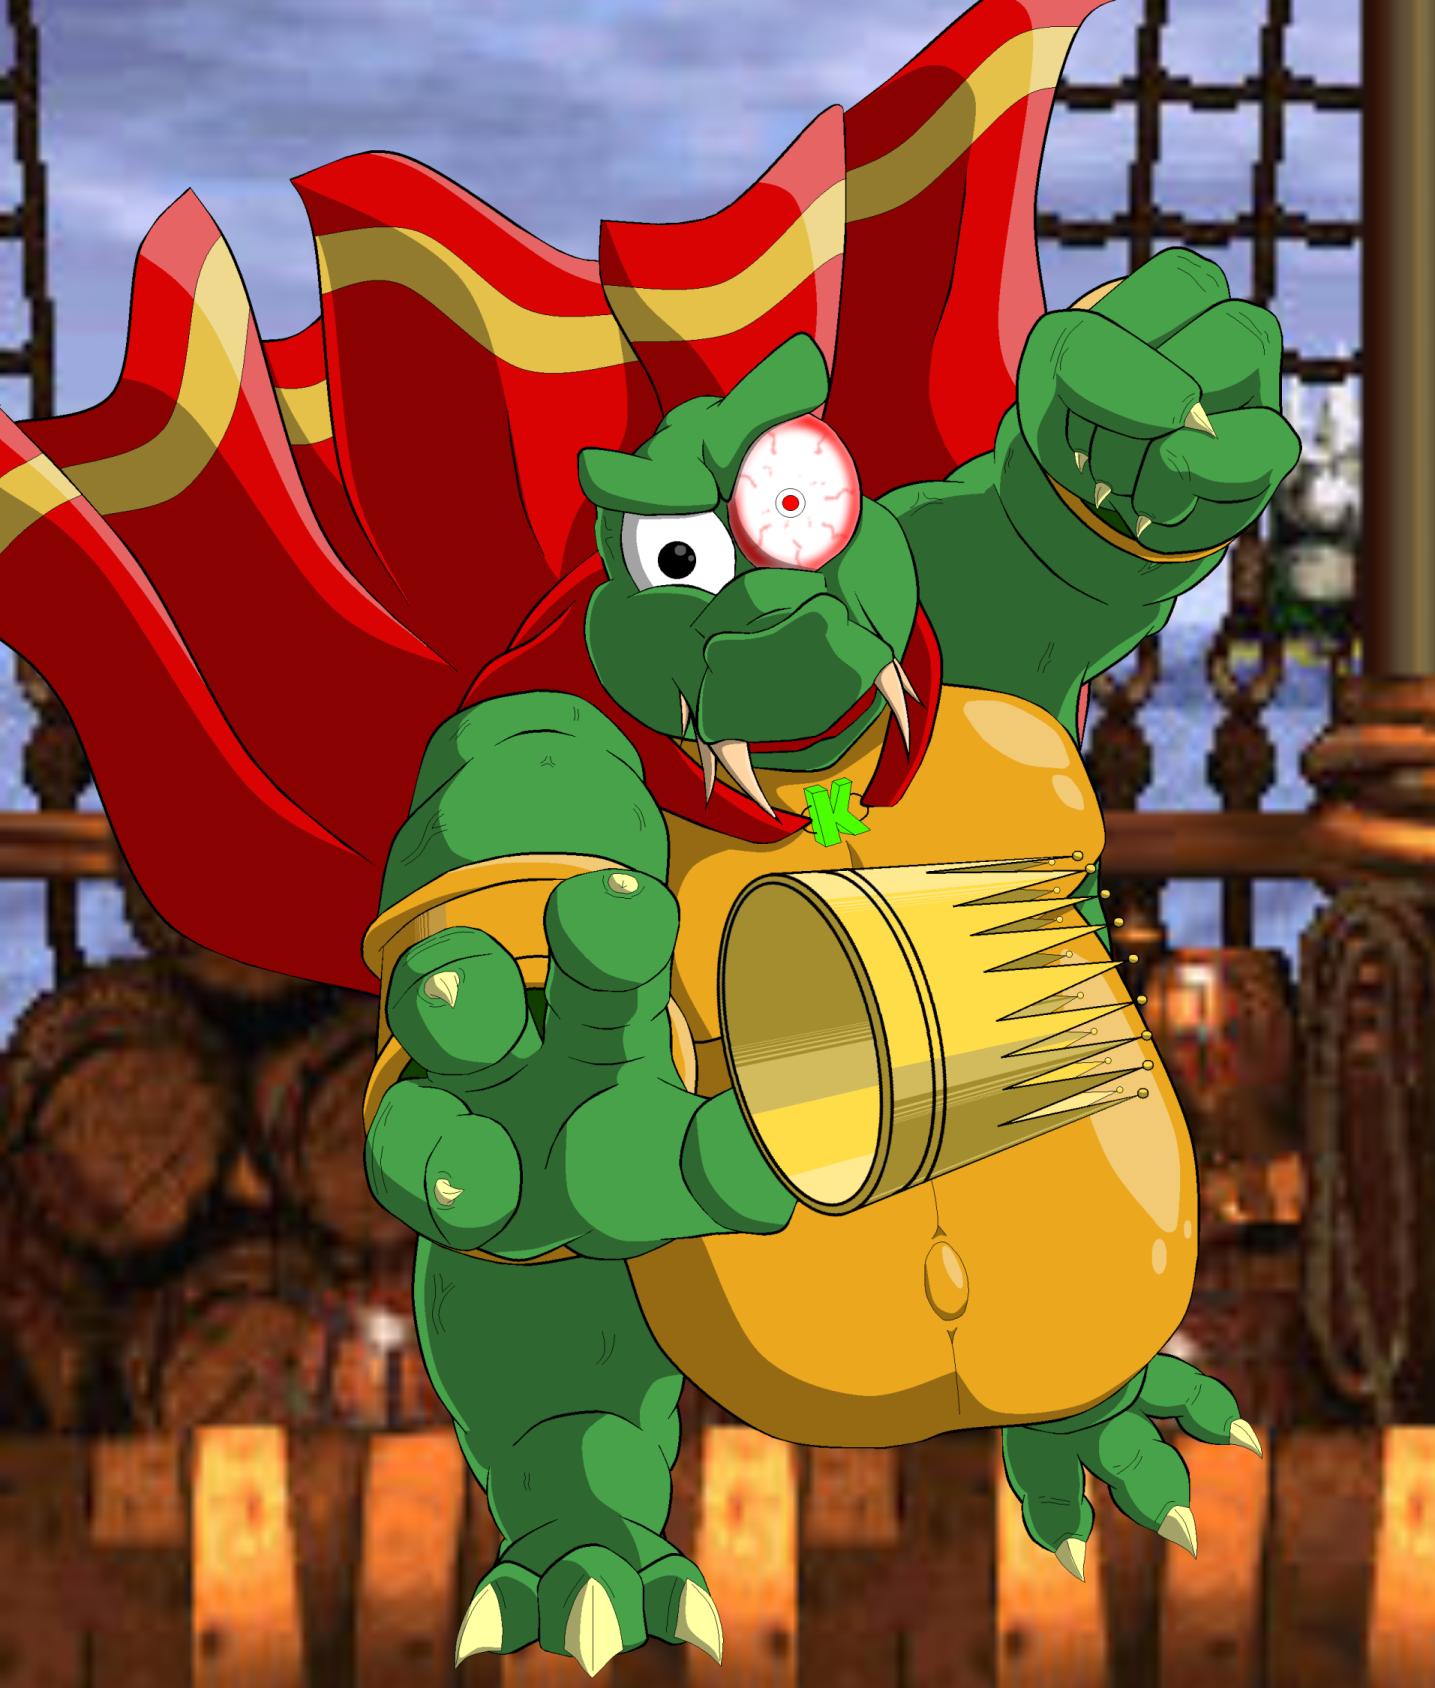 Kremling King